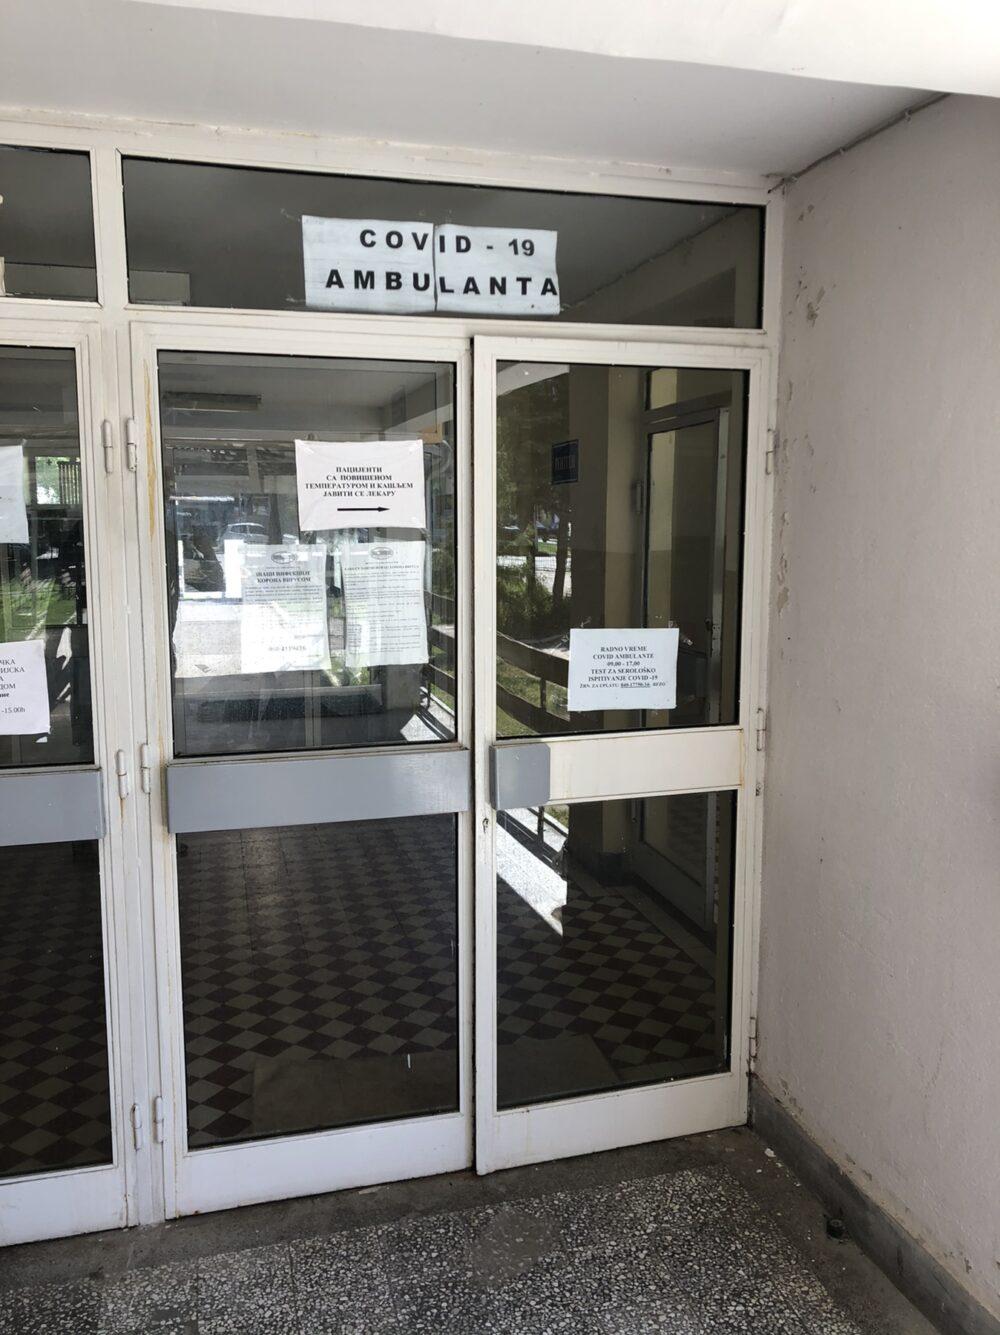 Od aprila u Svrljigu testirano 456 osoba na Kovid-19